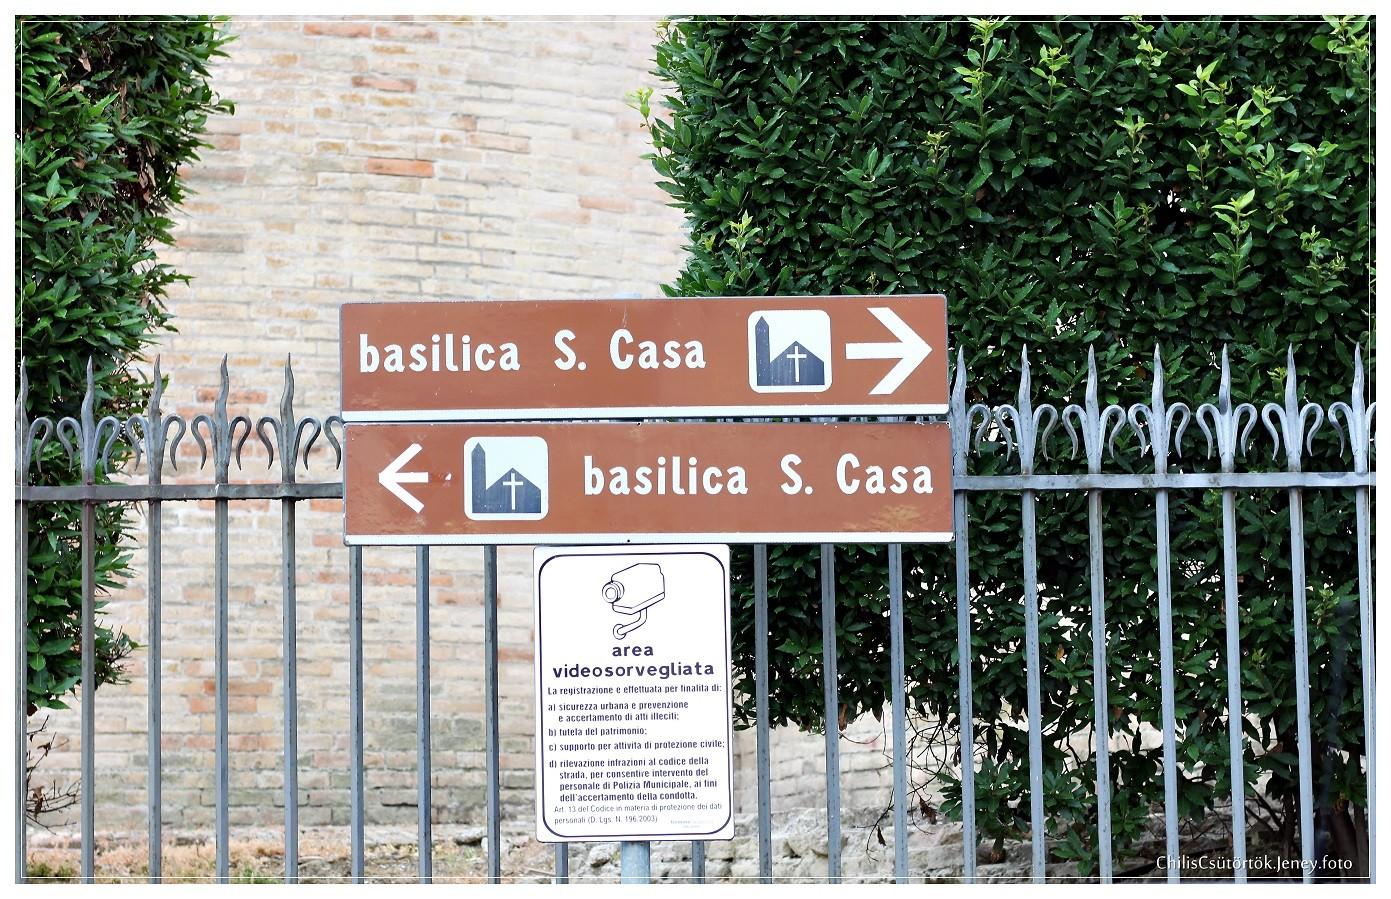 Loreto - basilica S. Casa